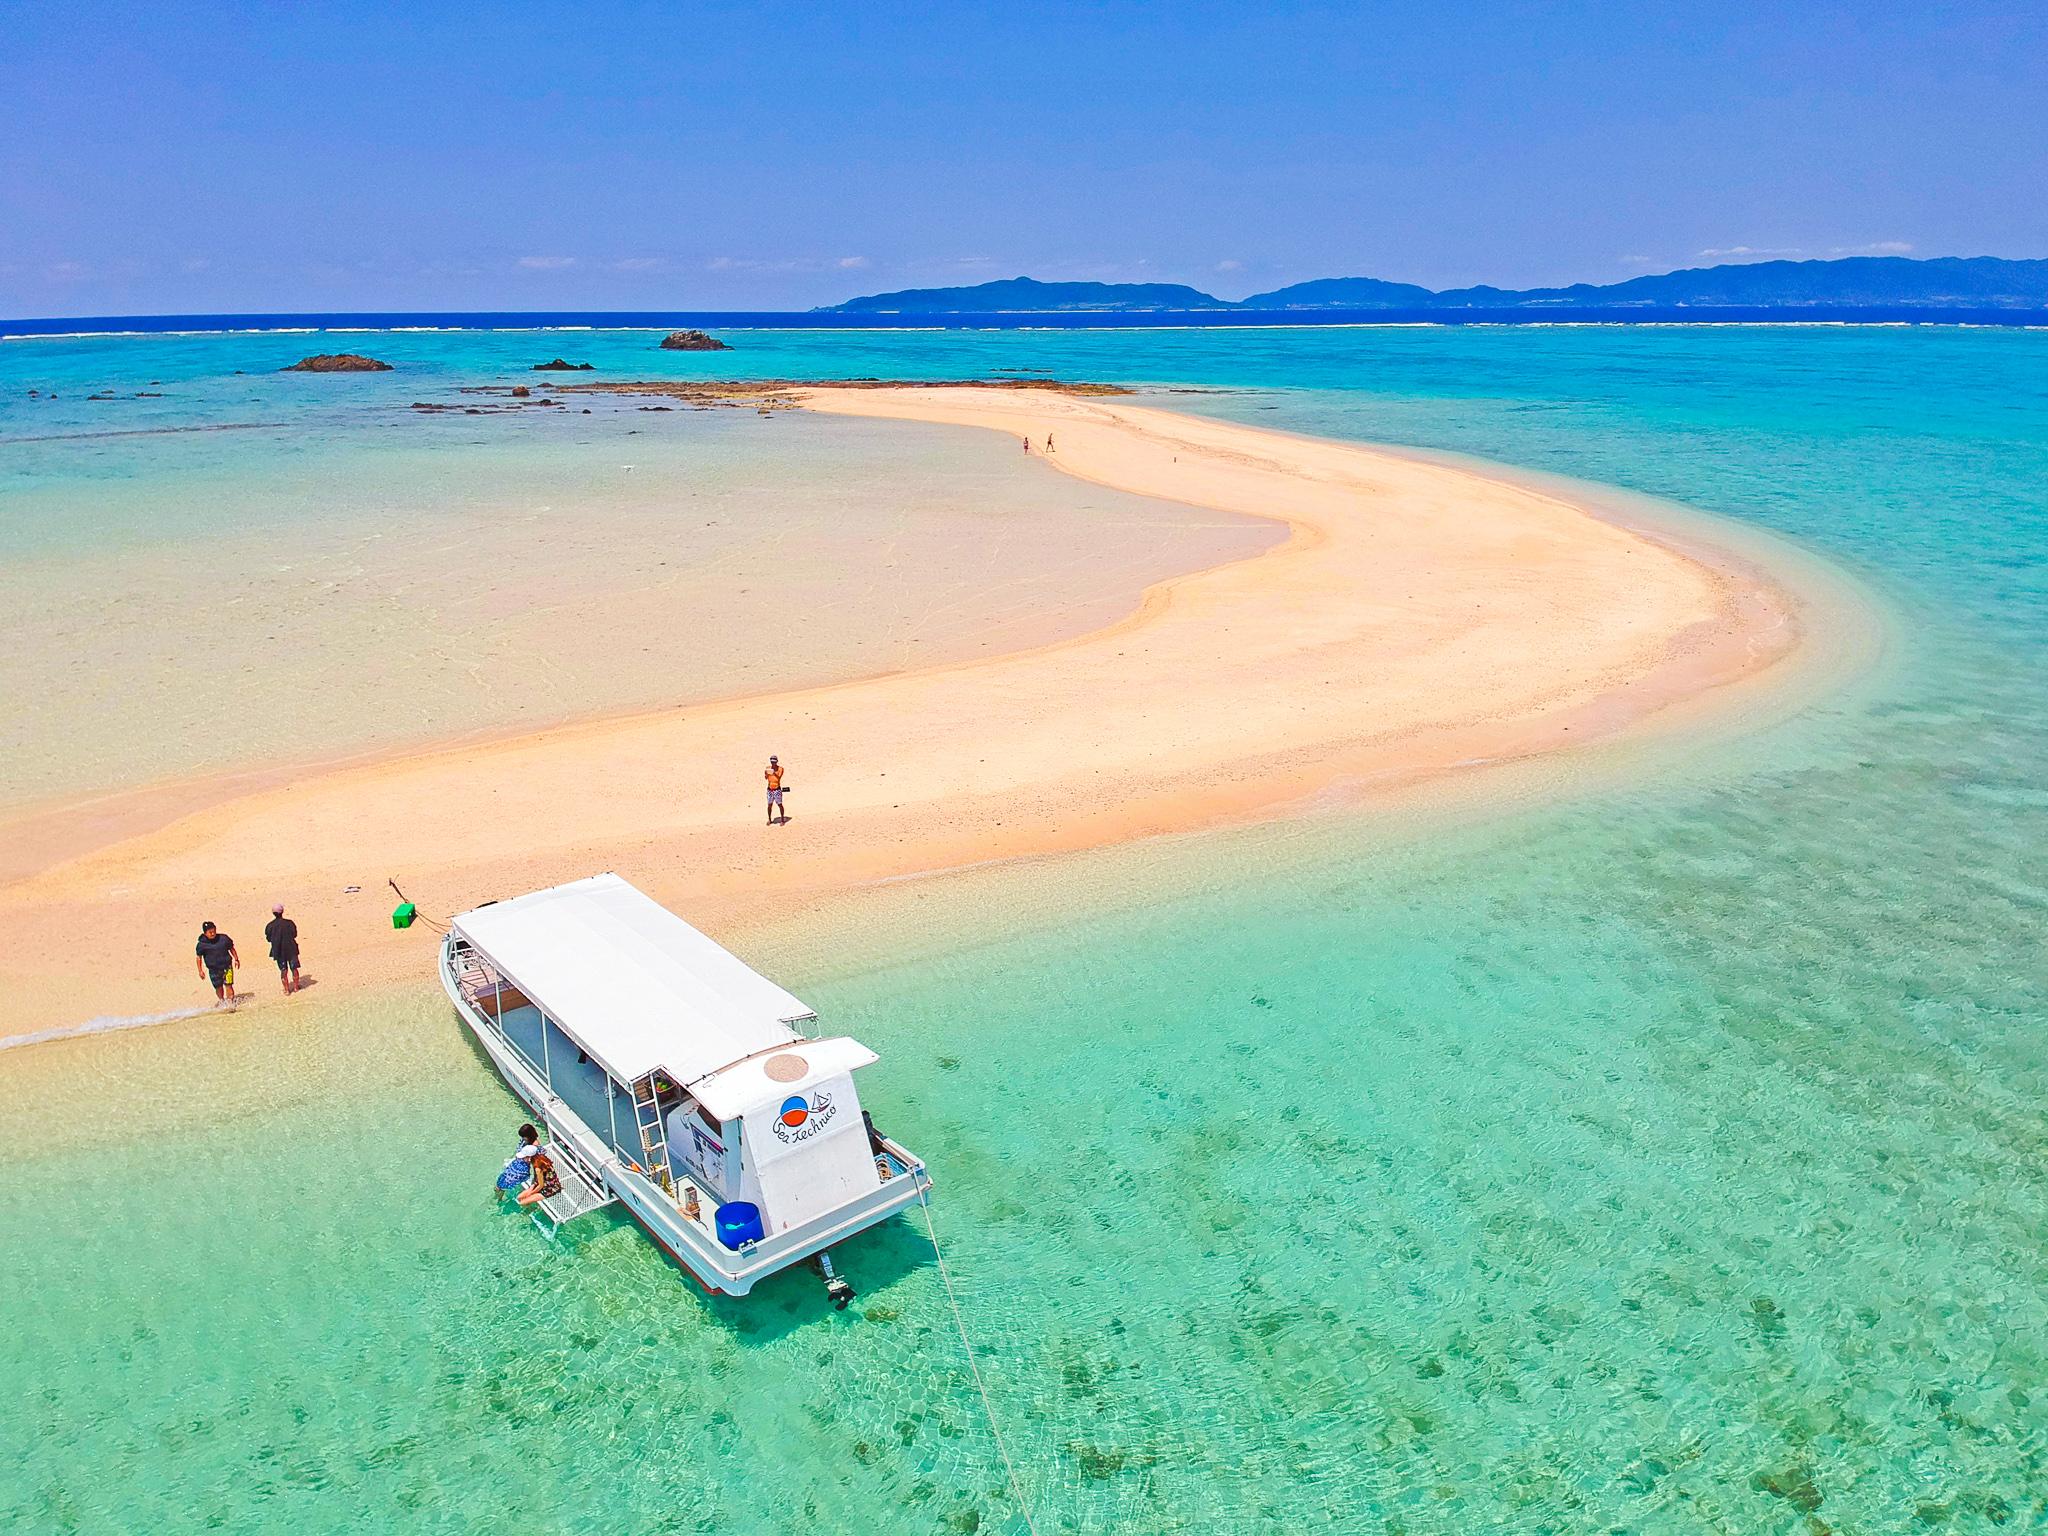 新婚旅行で幻の島へ行くツアー